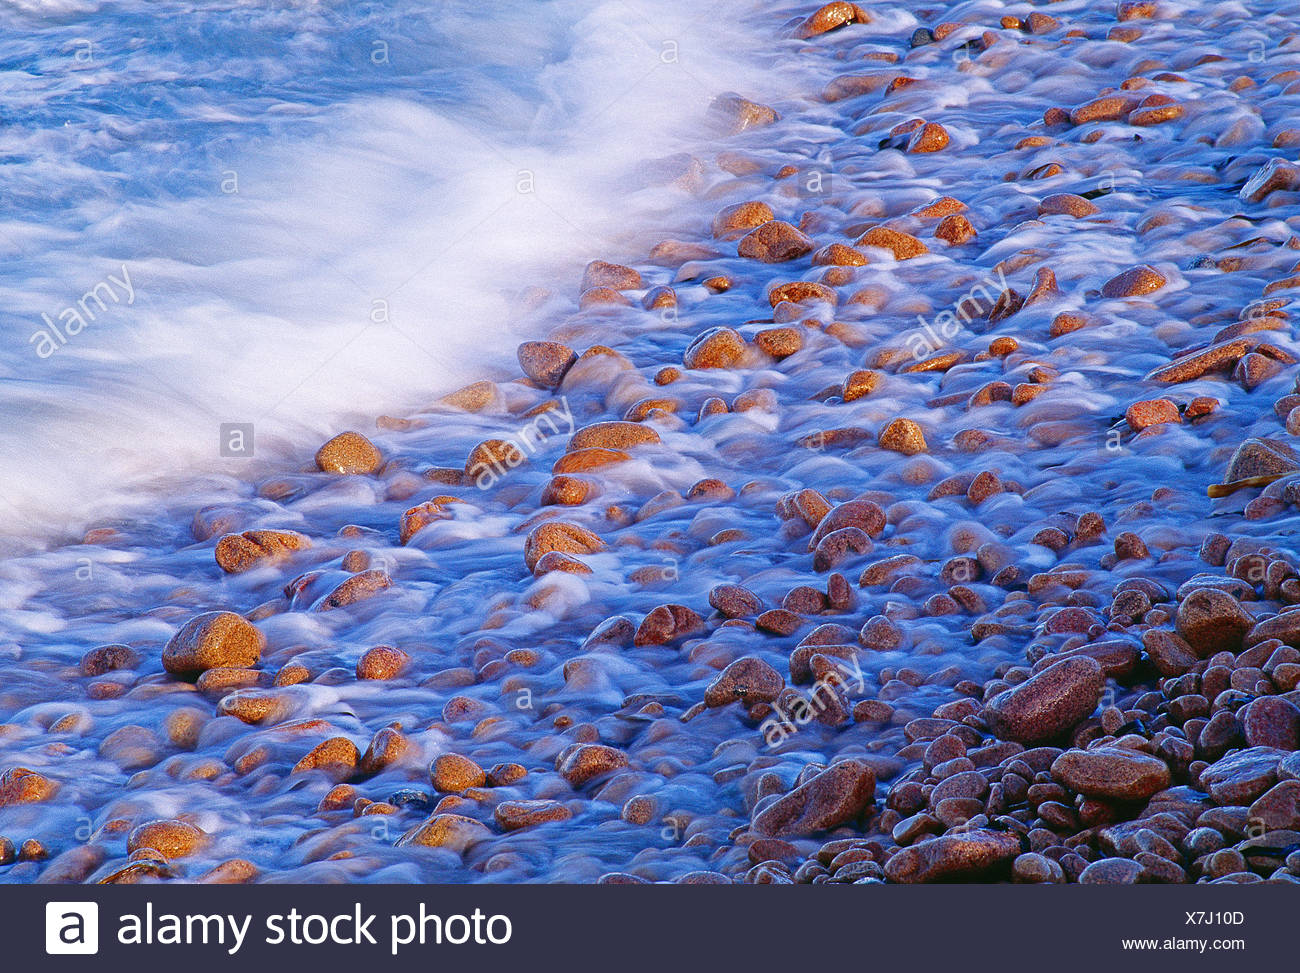 Le isole del canale guernsey. onde sulla spiaggia di ciottoli. Immagini Stock